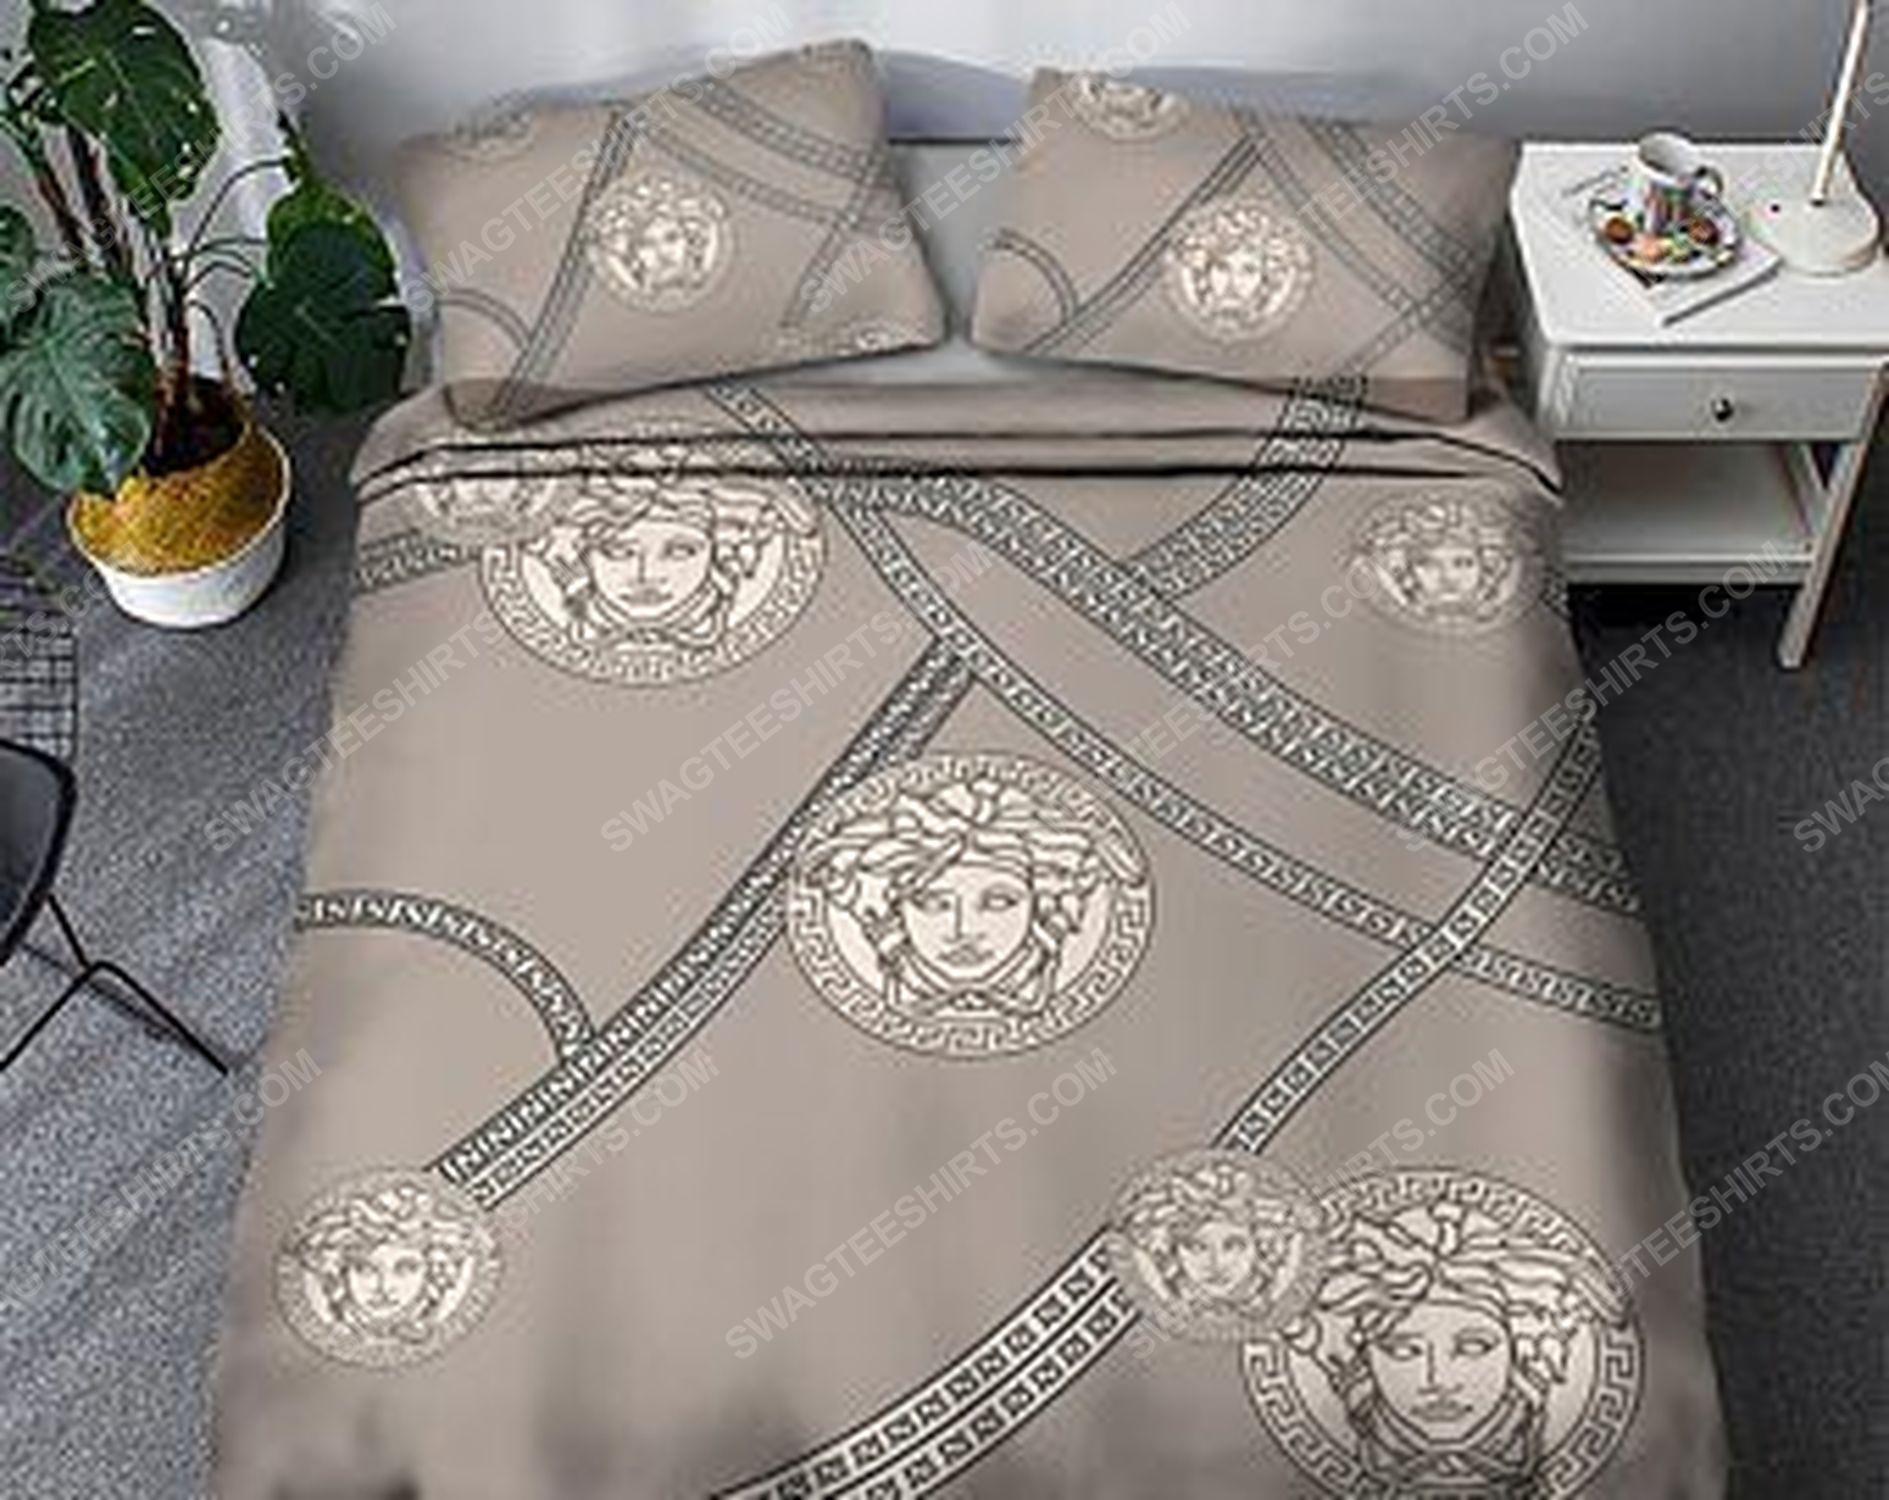 Versace luxury version full print duvet cover bedding set 2